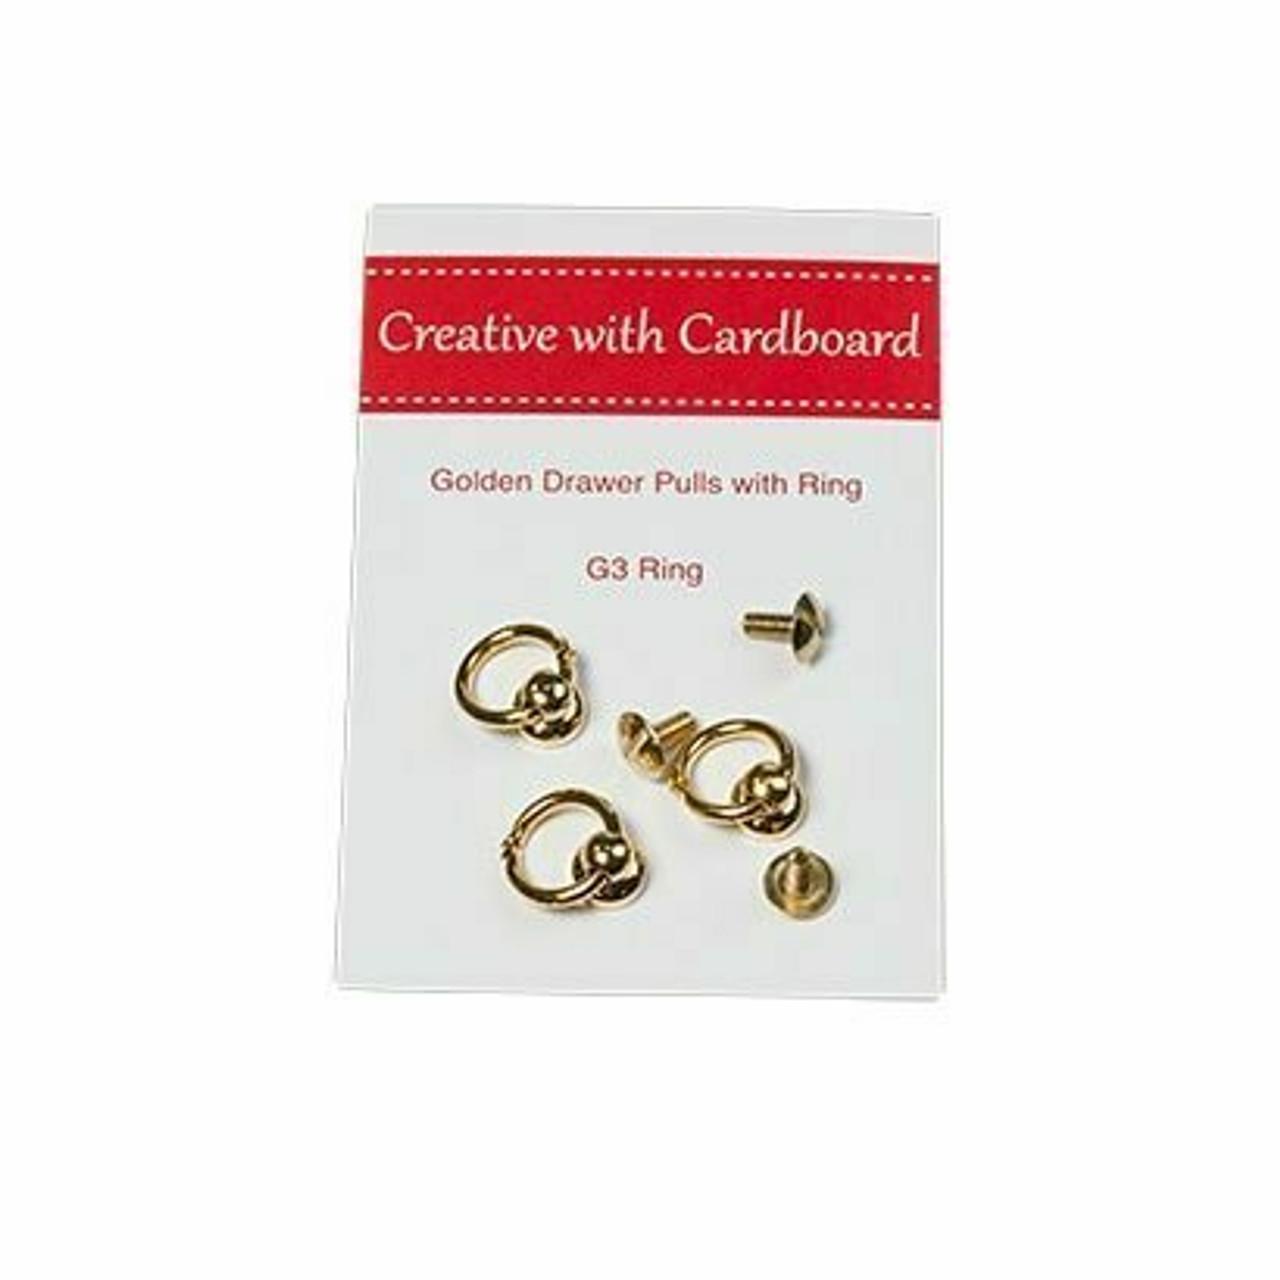 Rinske Stevens Designs: Golden Drawer Pulls